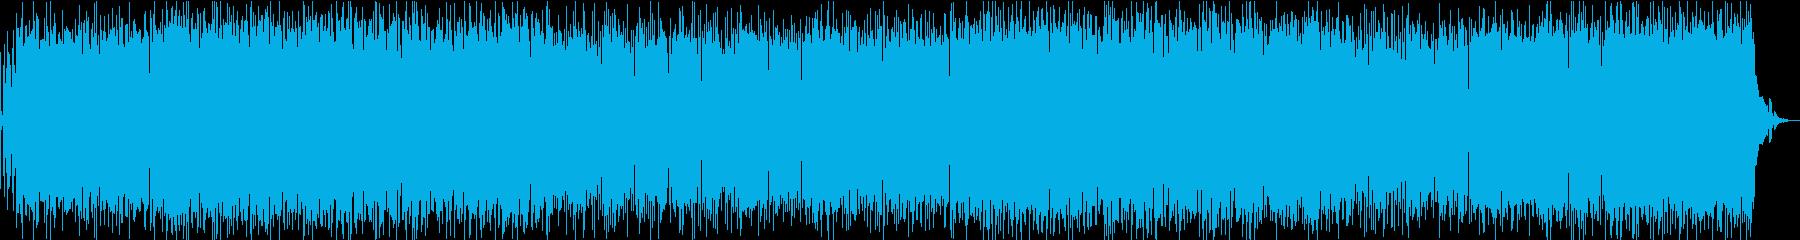 疾走感溢れる攻撃的なヘヴィメタルの再生済みの波形